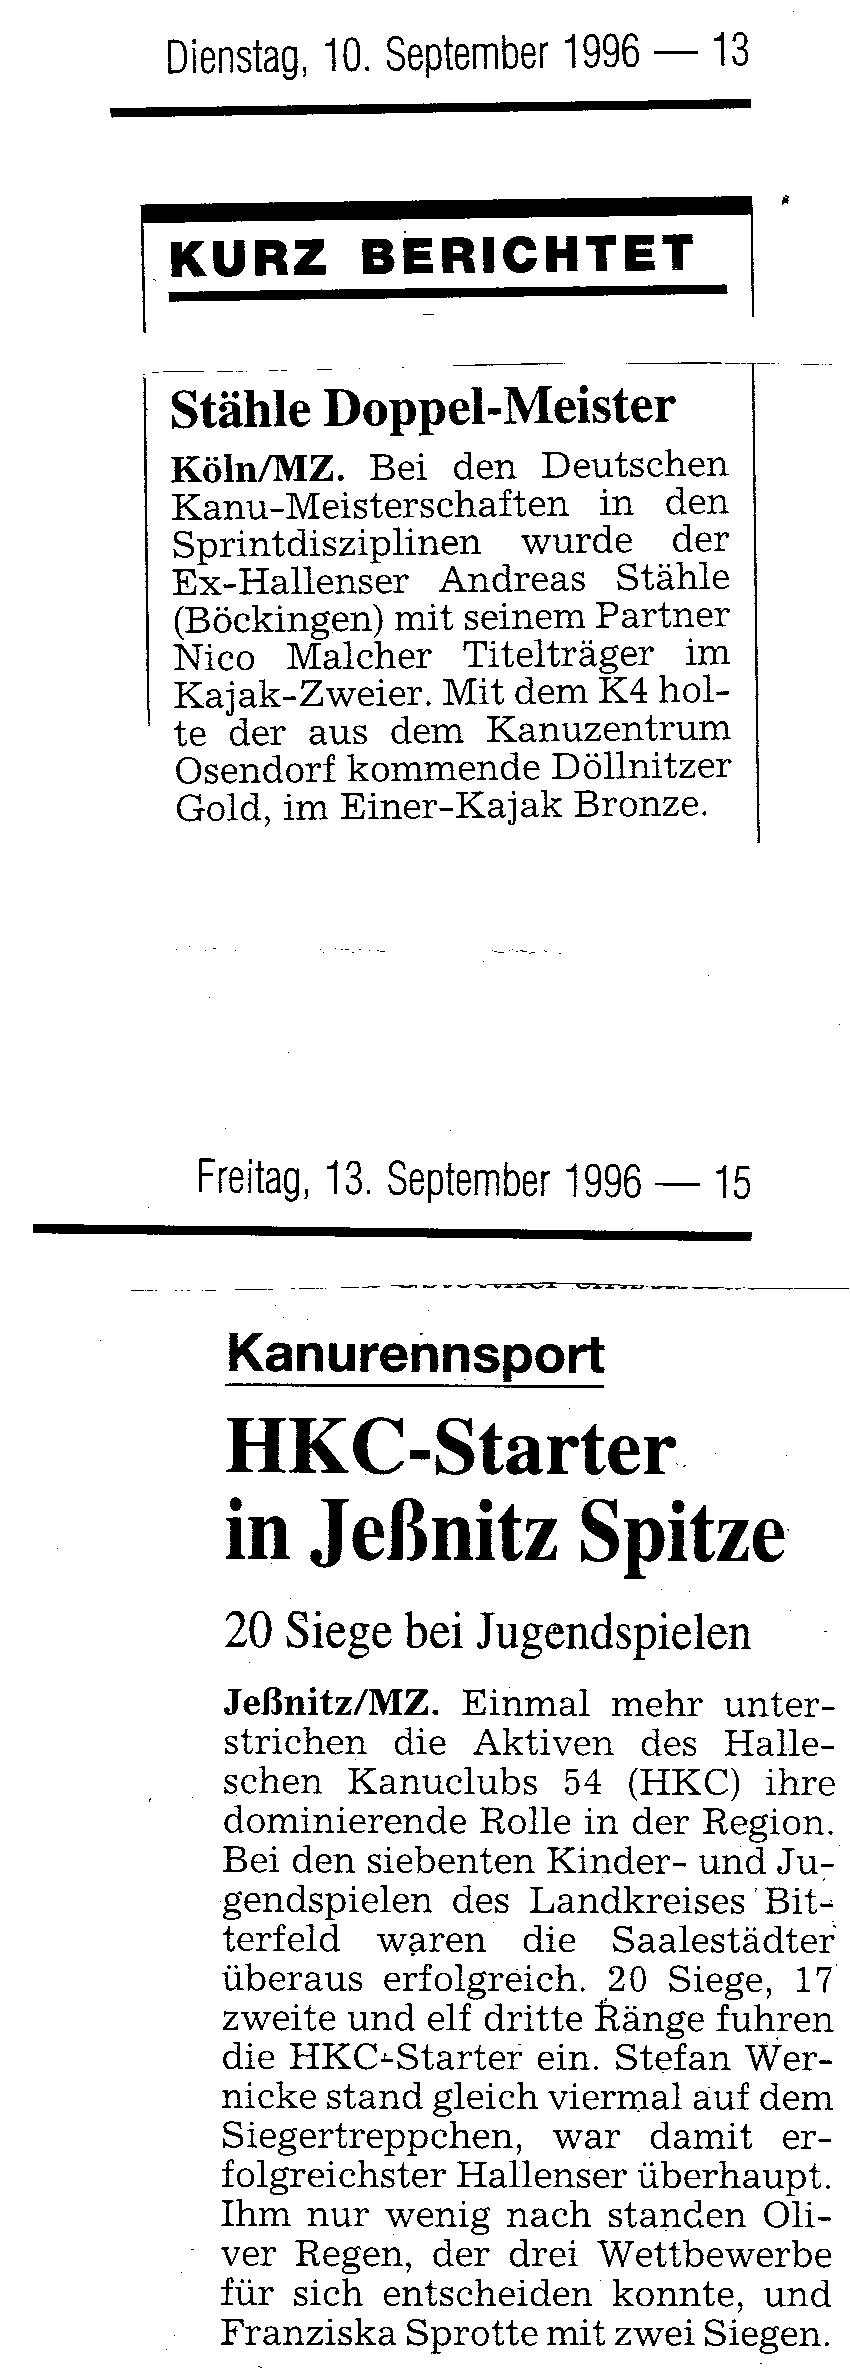 1996-09-10 MZ Stähle Doppel Meister, HKC Starter in Jeßnitz Spitze